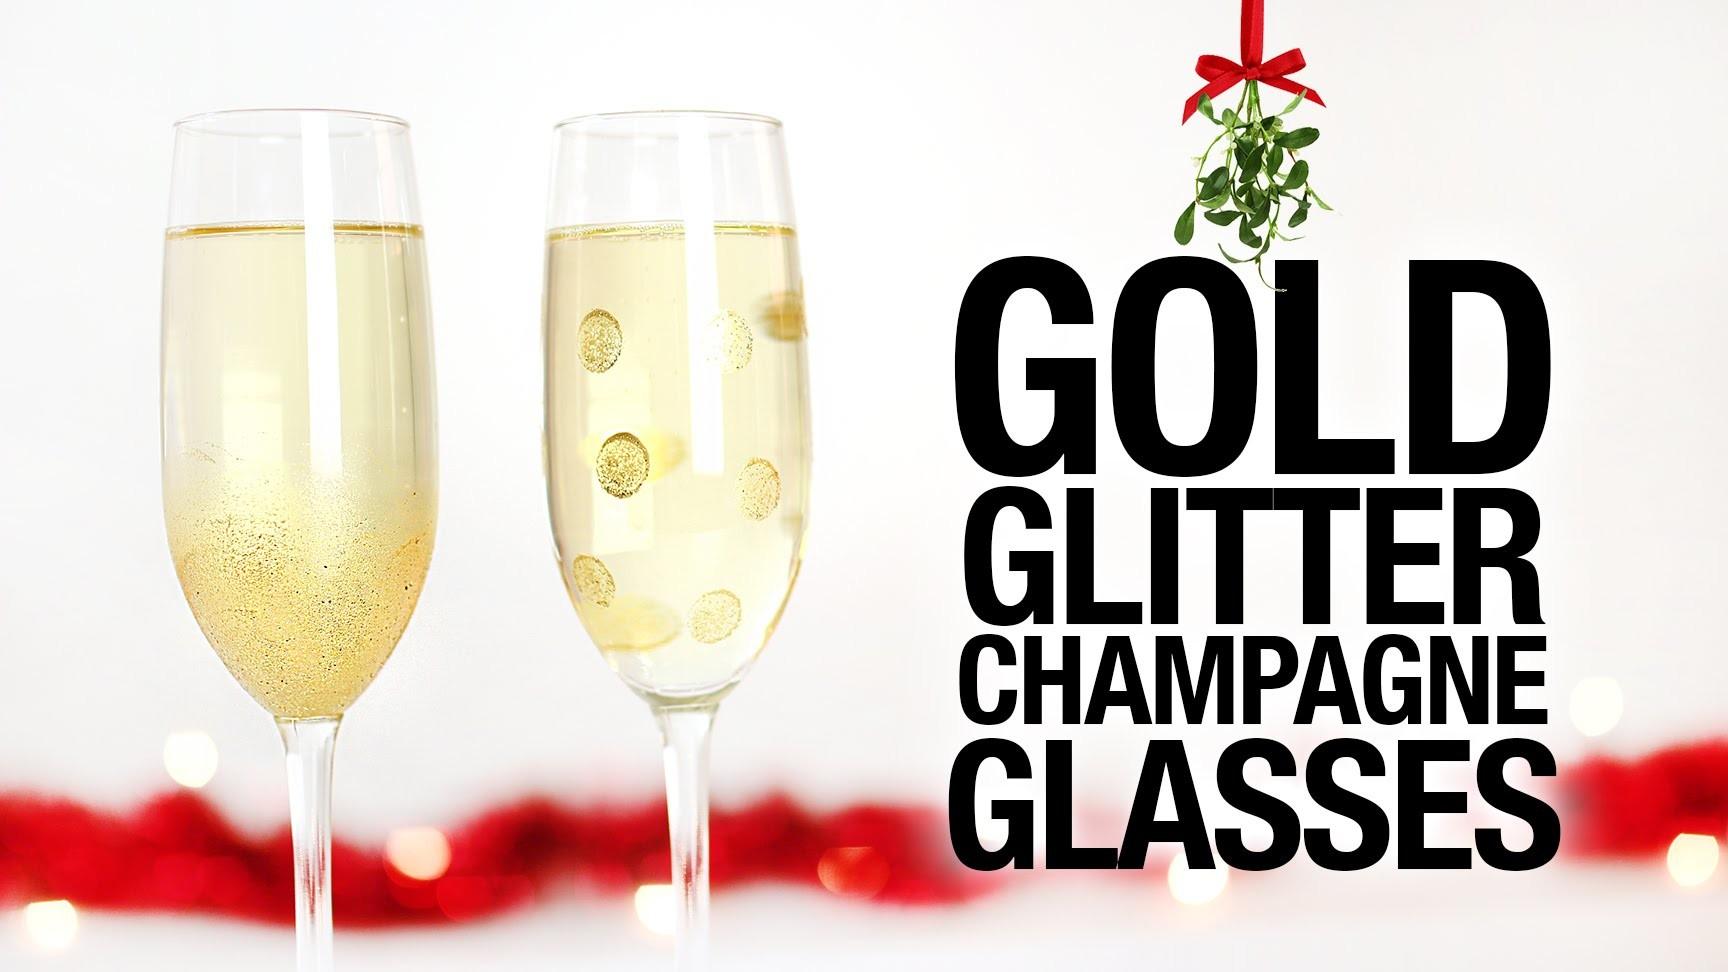 DIY Gold Glitter Champagne Glasses